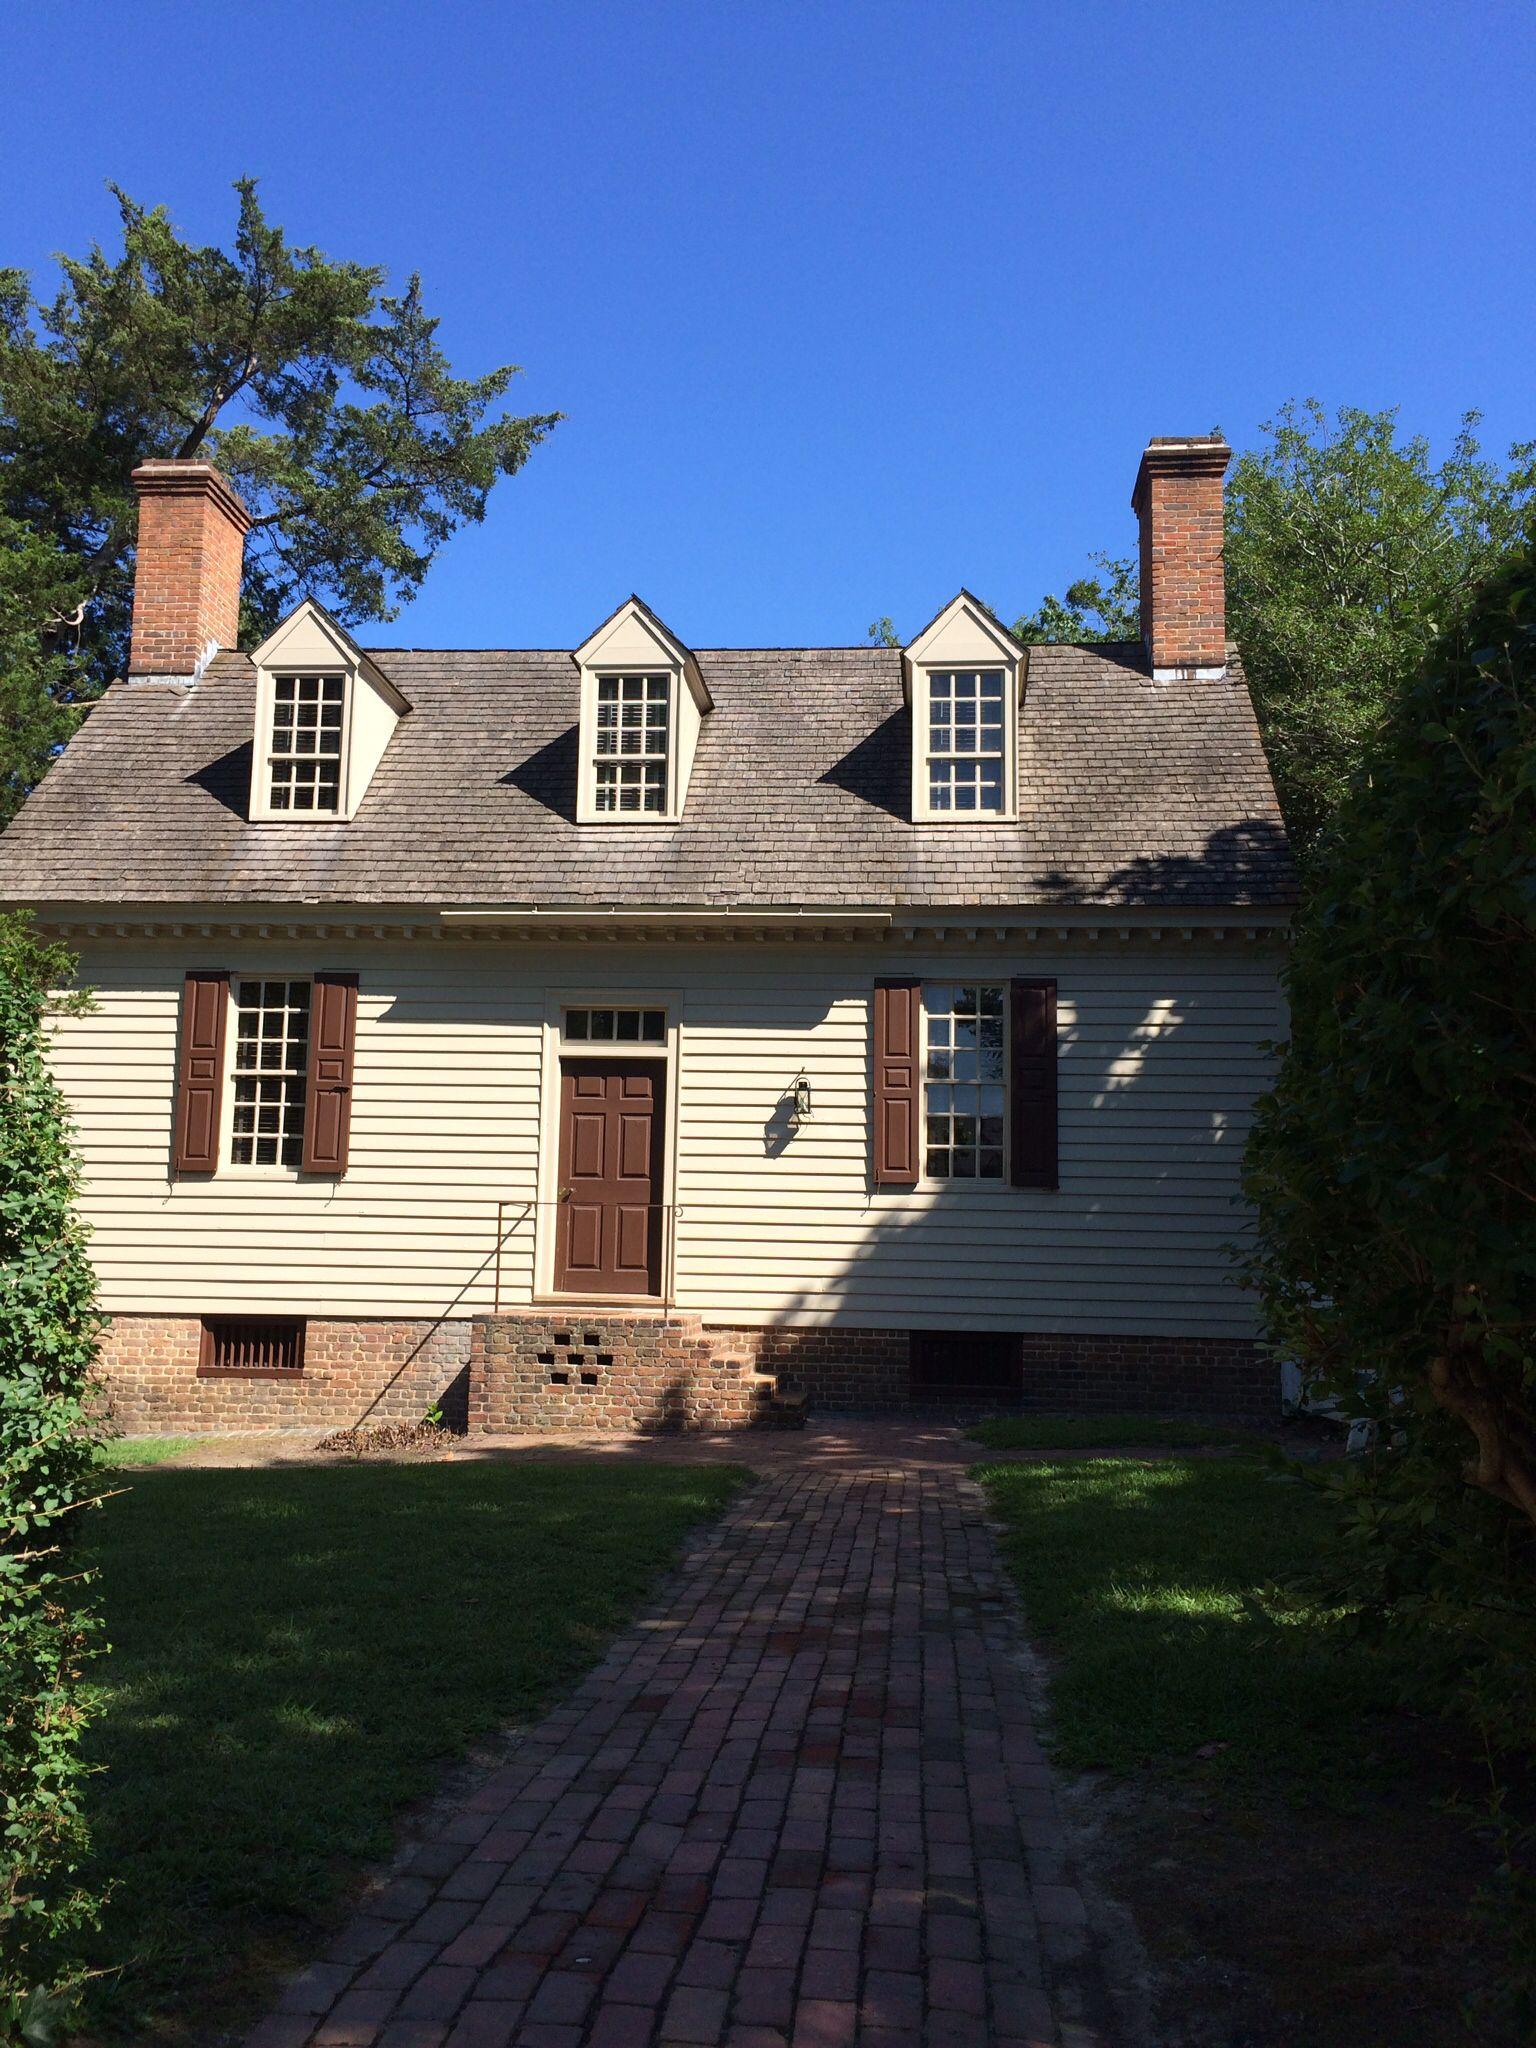 Williamsburg, VA Photos: Images of Colonial Wiliamsburg